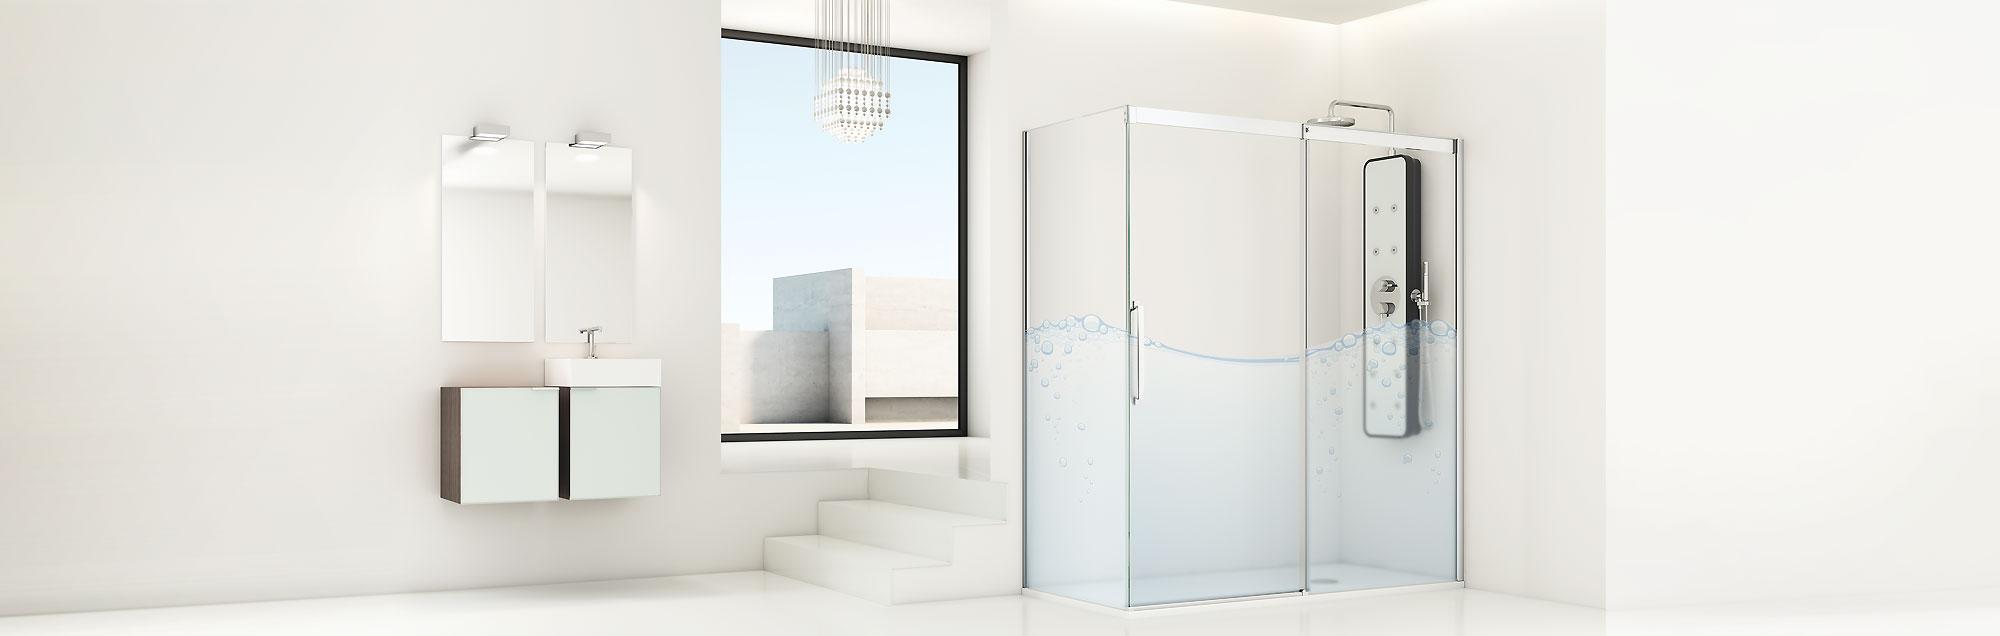 Serie Smart Vita - Duschabtrennungen nach Maß mit Gleittüren